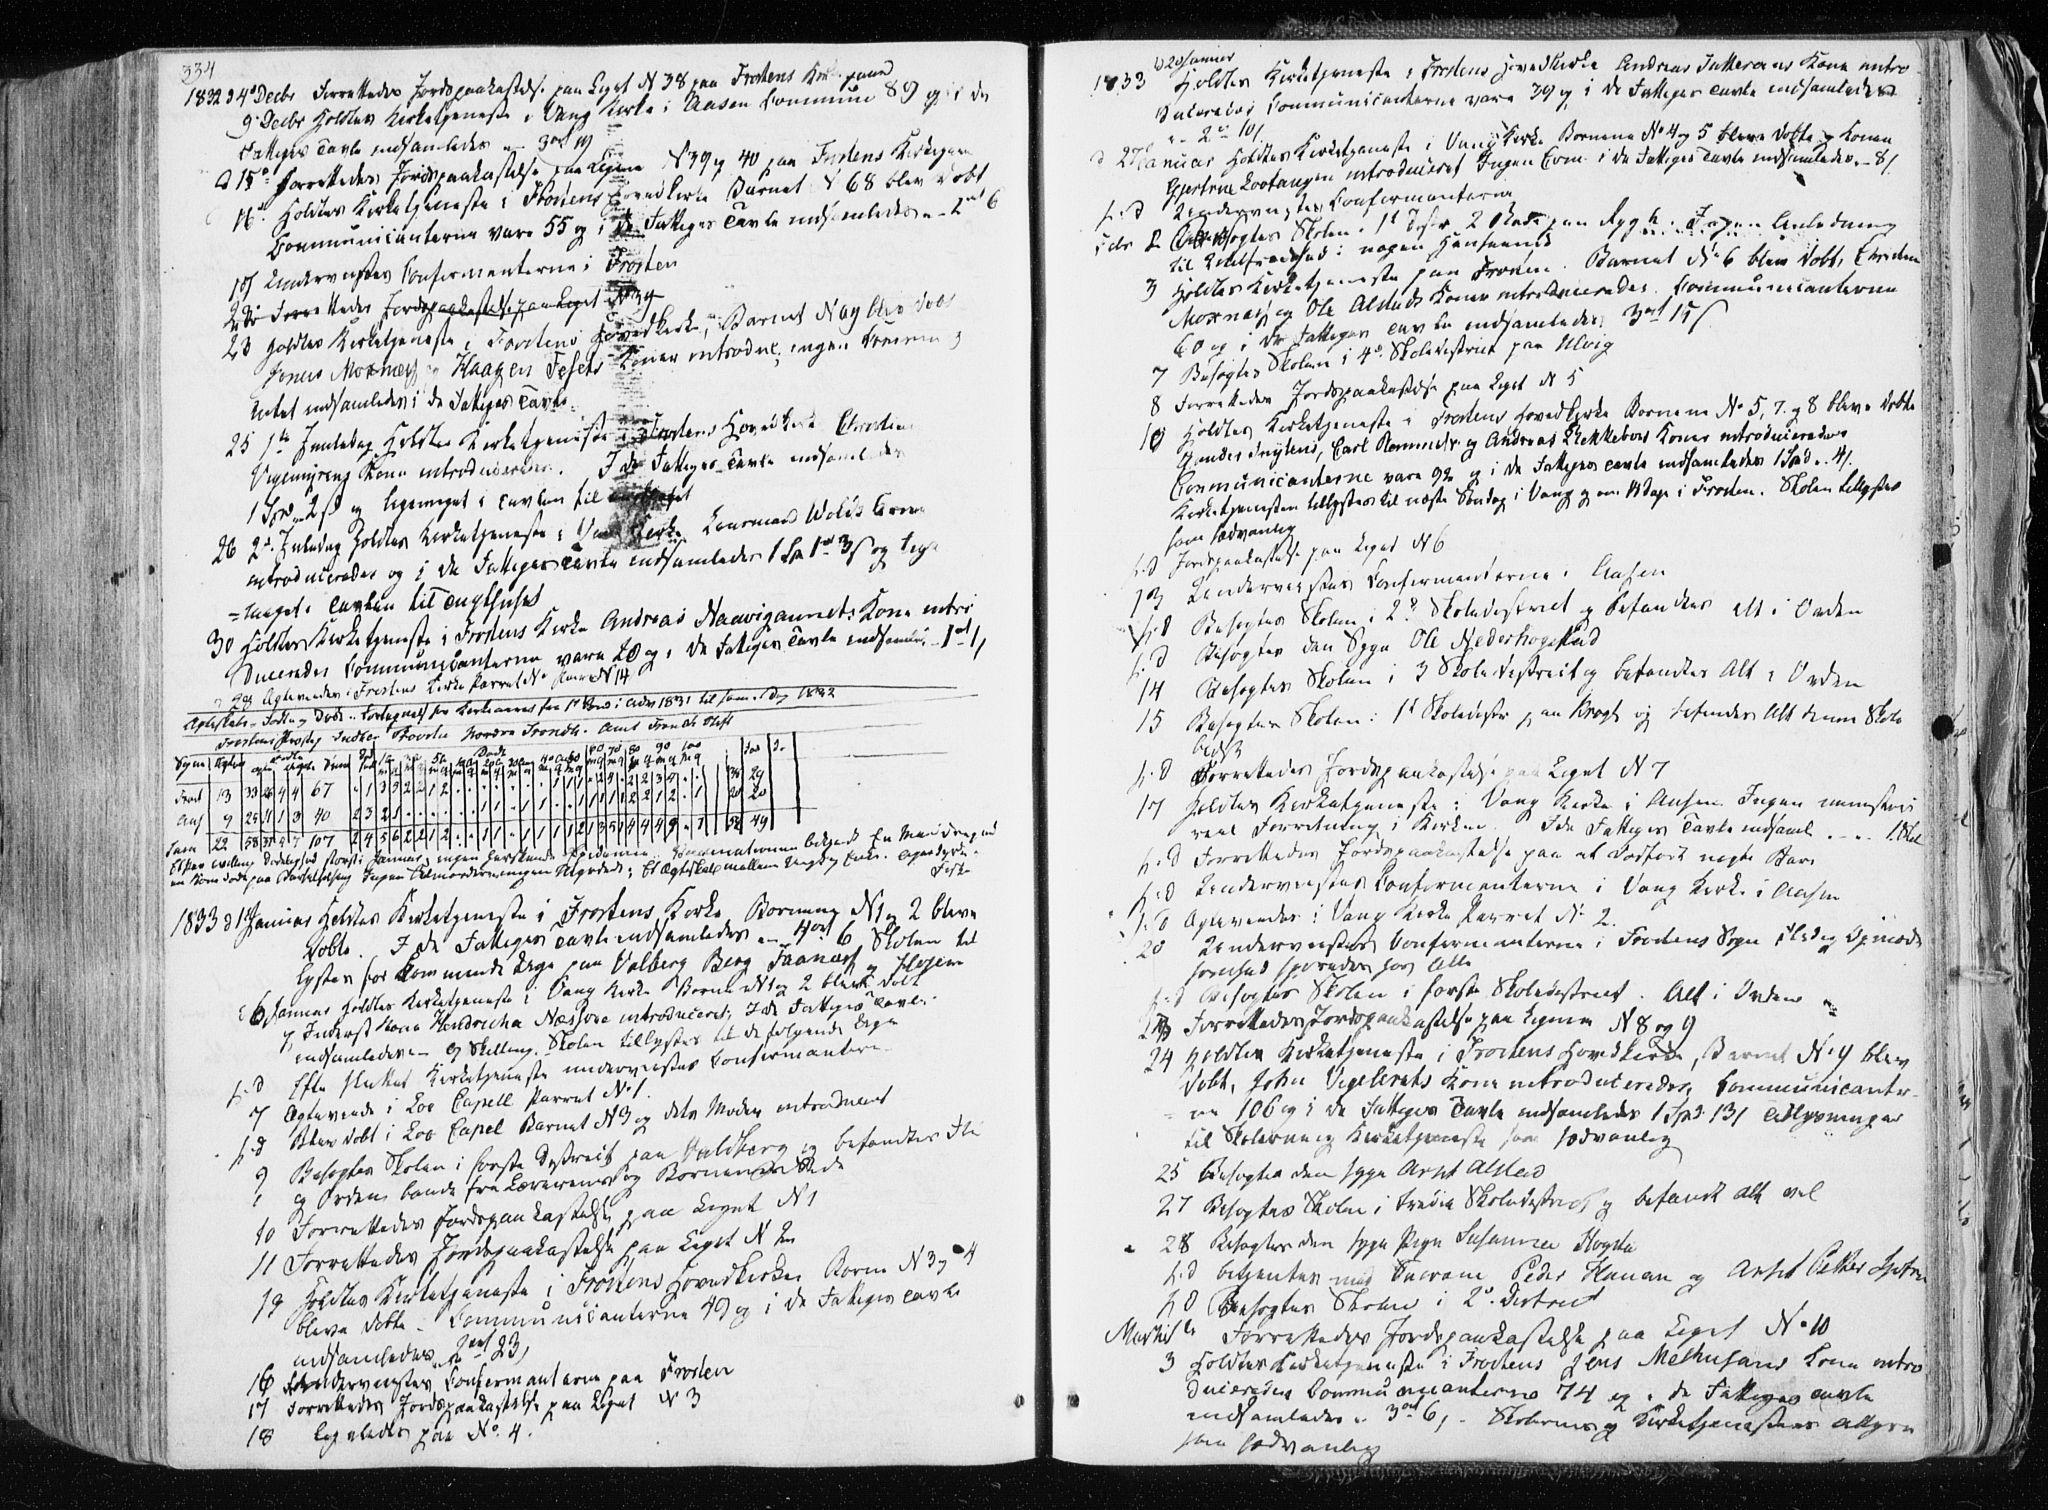 SAT, Ministerialprotokoller, klokkerbøker og fødselsregistre - Nord-Trøndelag, 713/L0114: Ministerialbok nr. 713A05, 1827-1839, s. 334